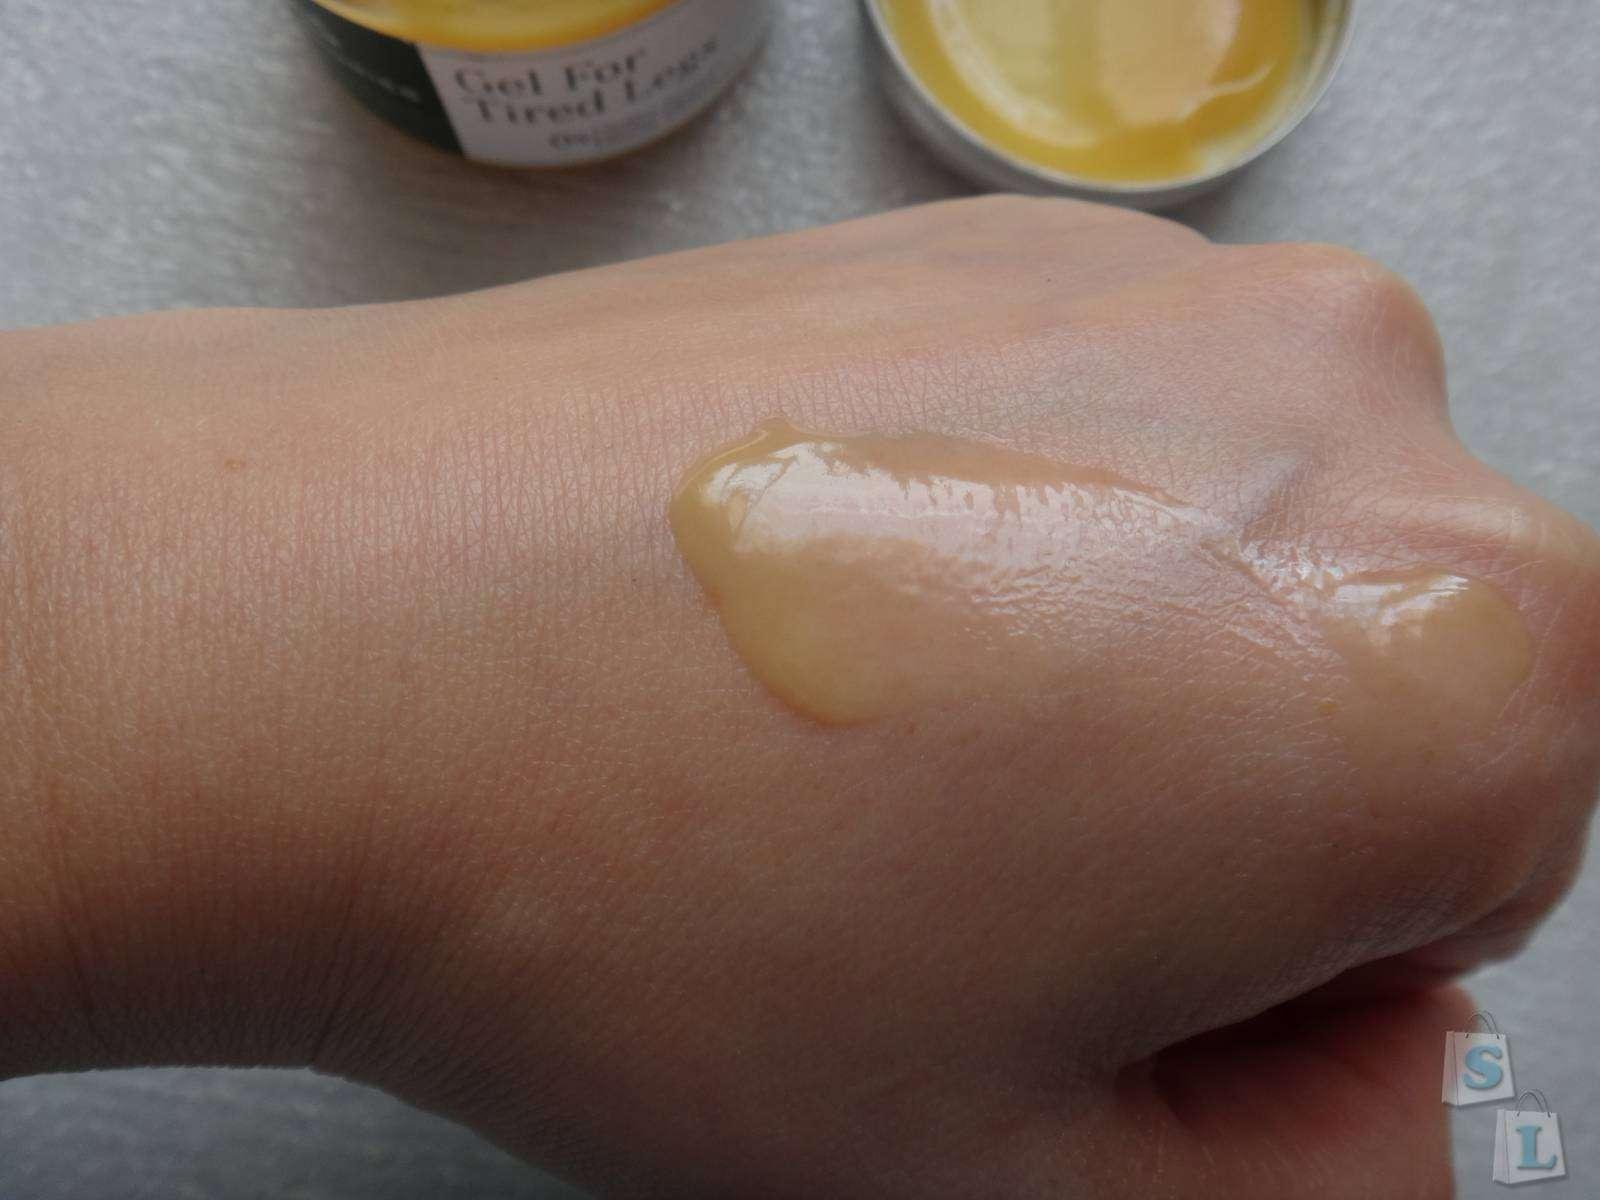 Другие: Обзор- отзыв о косметическом молочке для тела ТМ 'Alpstories' (Альпсторис) с экстрактом: ромашки, каледулы, лаванды и креме от усталости ног.